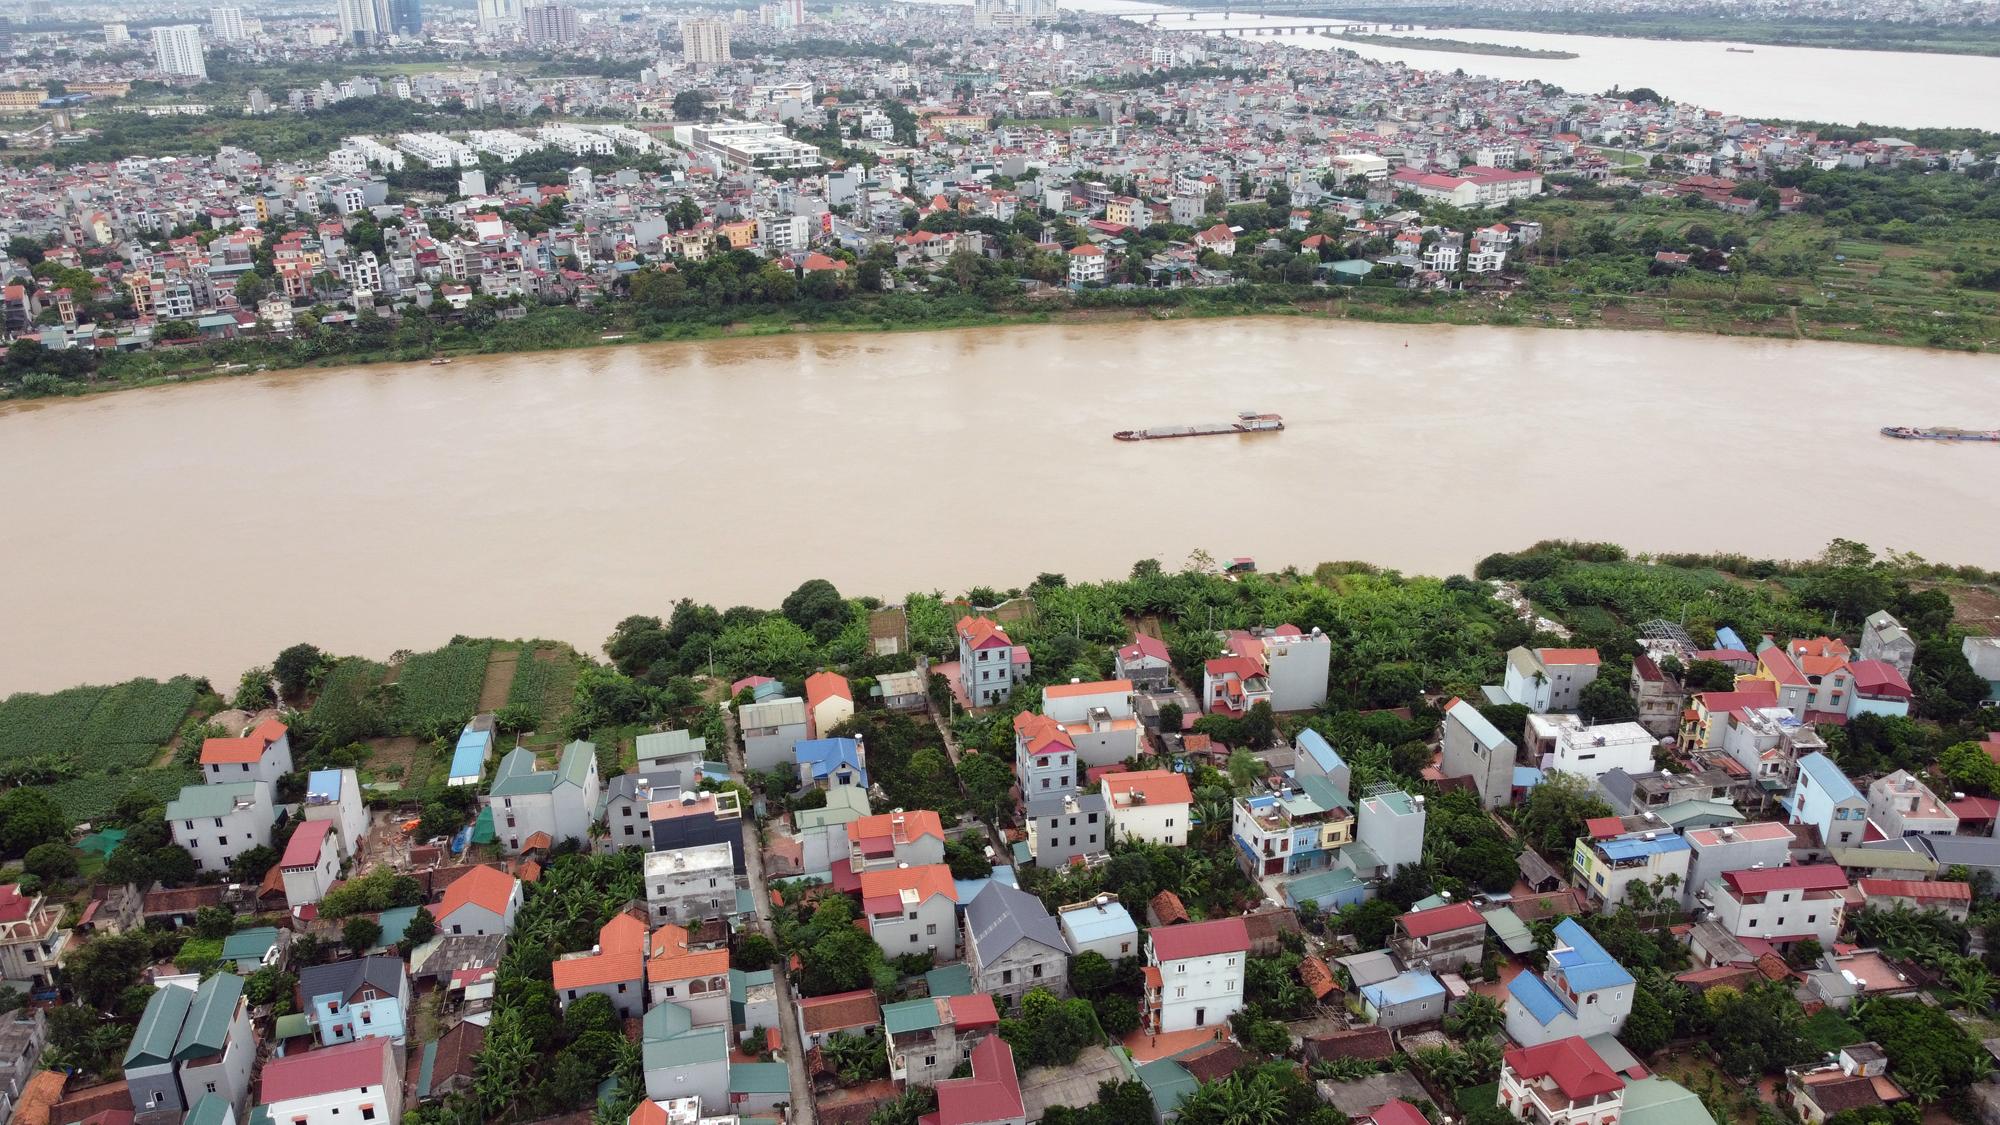 Hà Nội: Toàn cảnh các khu dân cư ven sông Hồng, sông Đuống thuộc diện di dời - Ảnh 22.